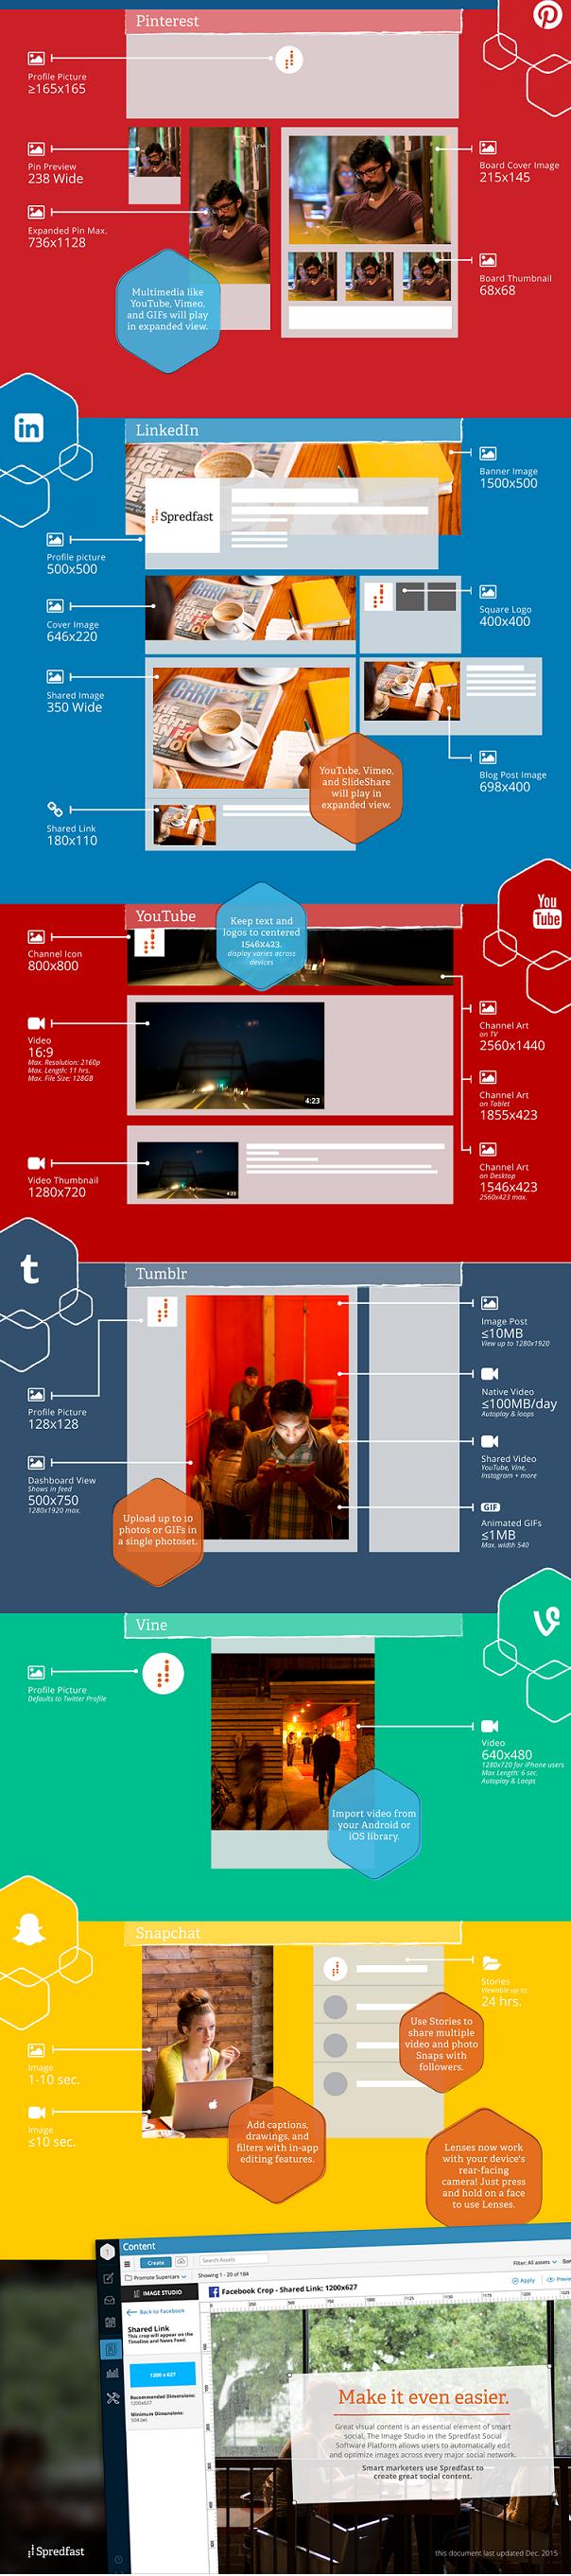 2016_Sosyal_Medya_Gorsel_Boyutlari_infografik_2_spredfast